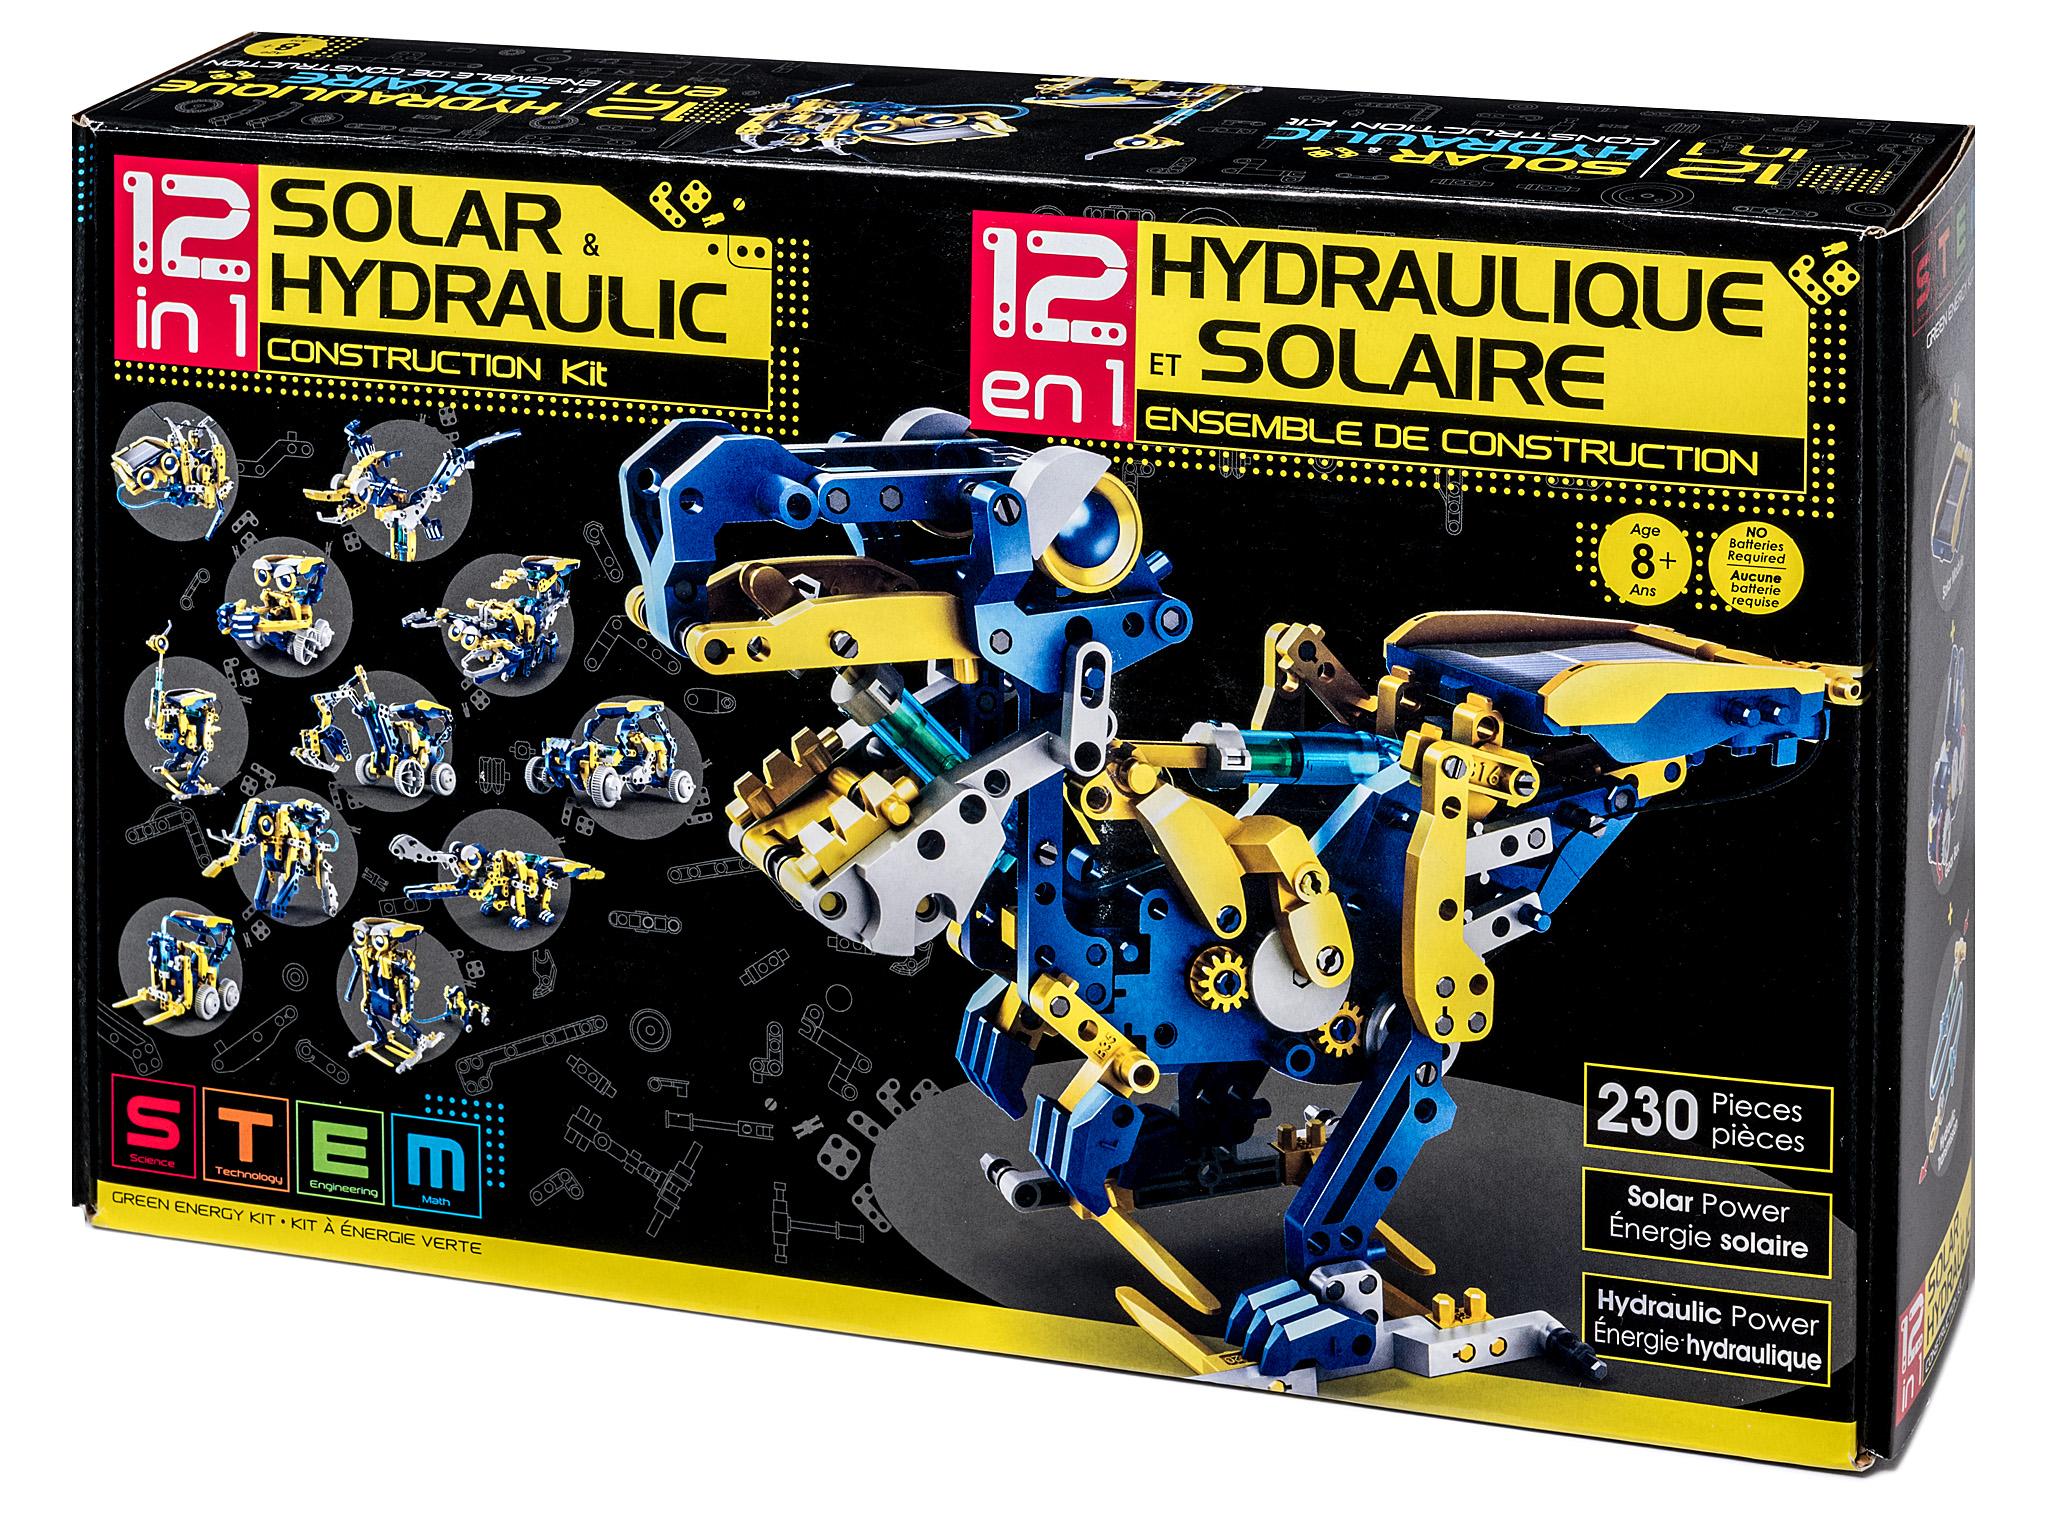 Construction Et 12 En Ensemble De Hydraulique Owi 1 Solaire n8kwN0OPX